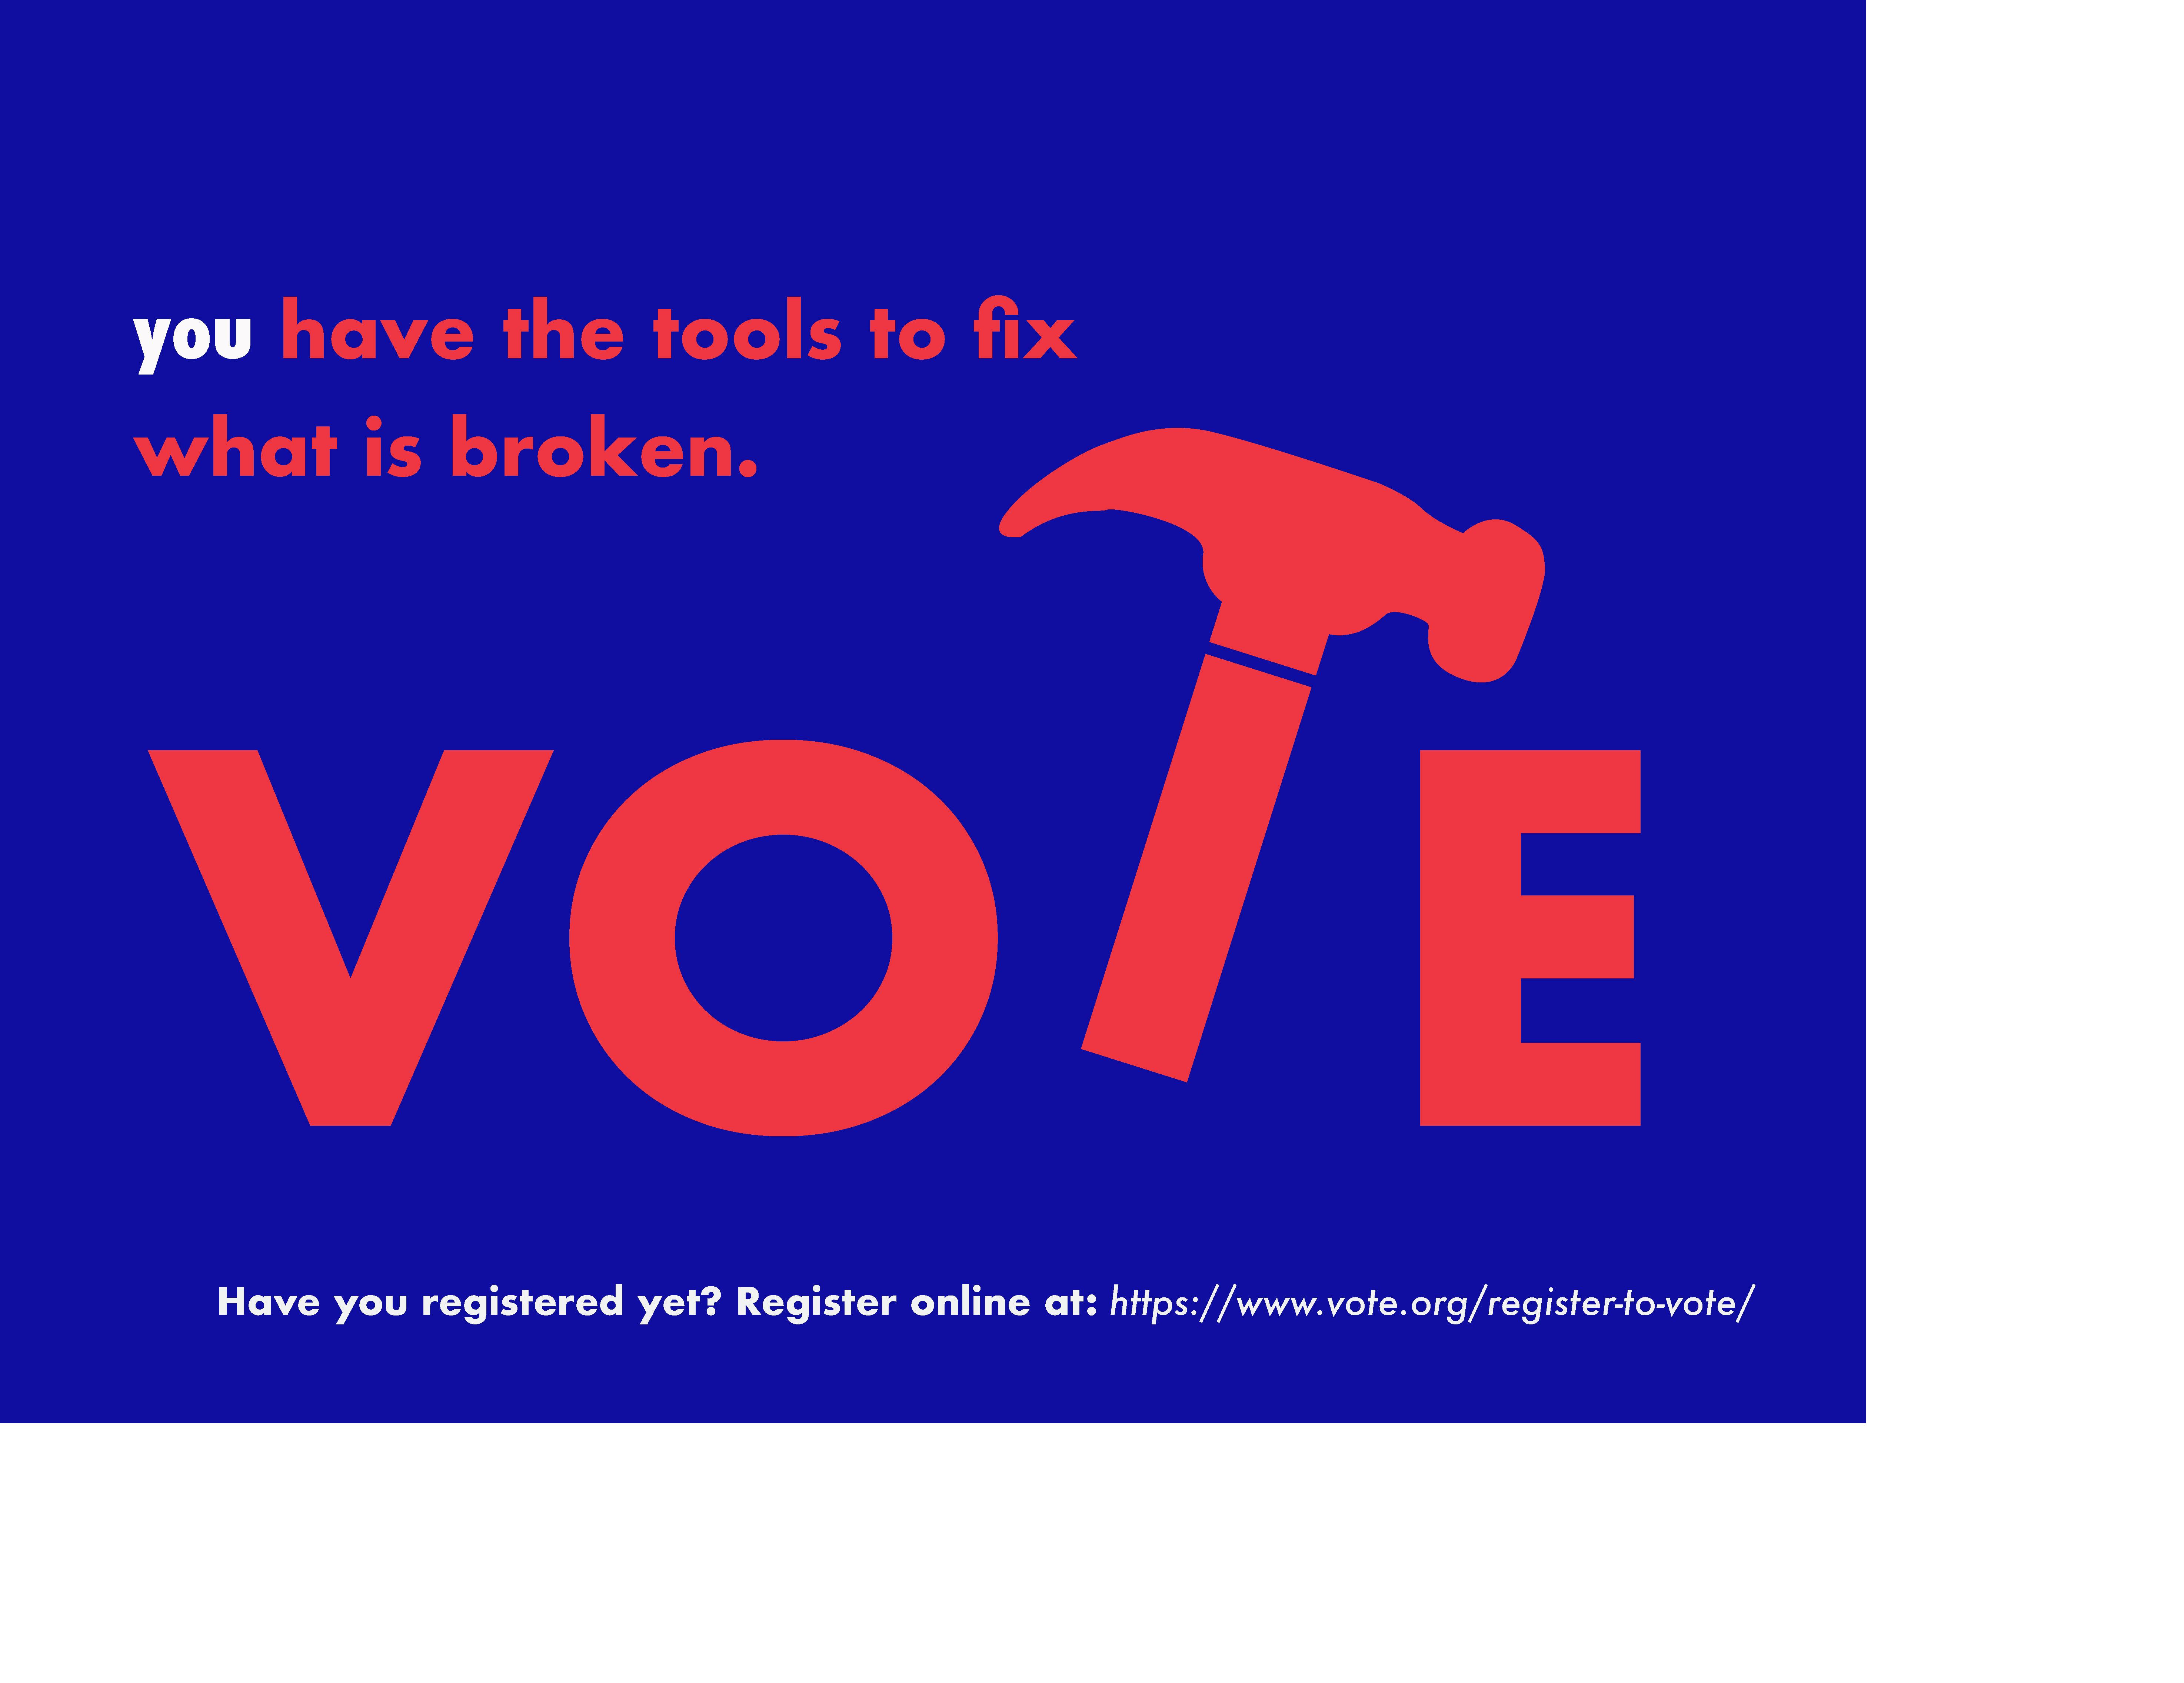 Tools to Vote